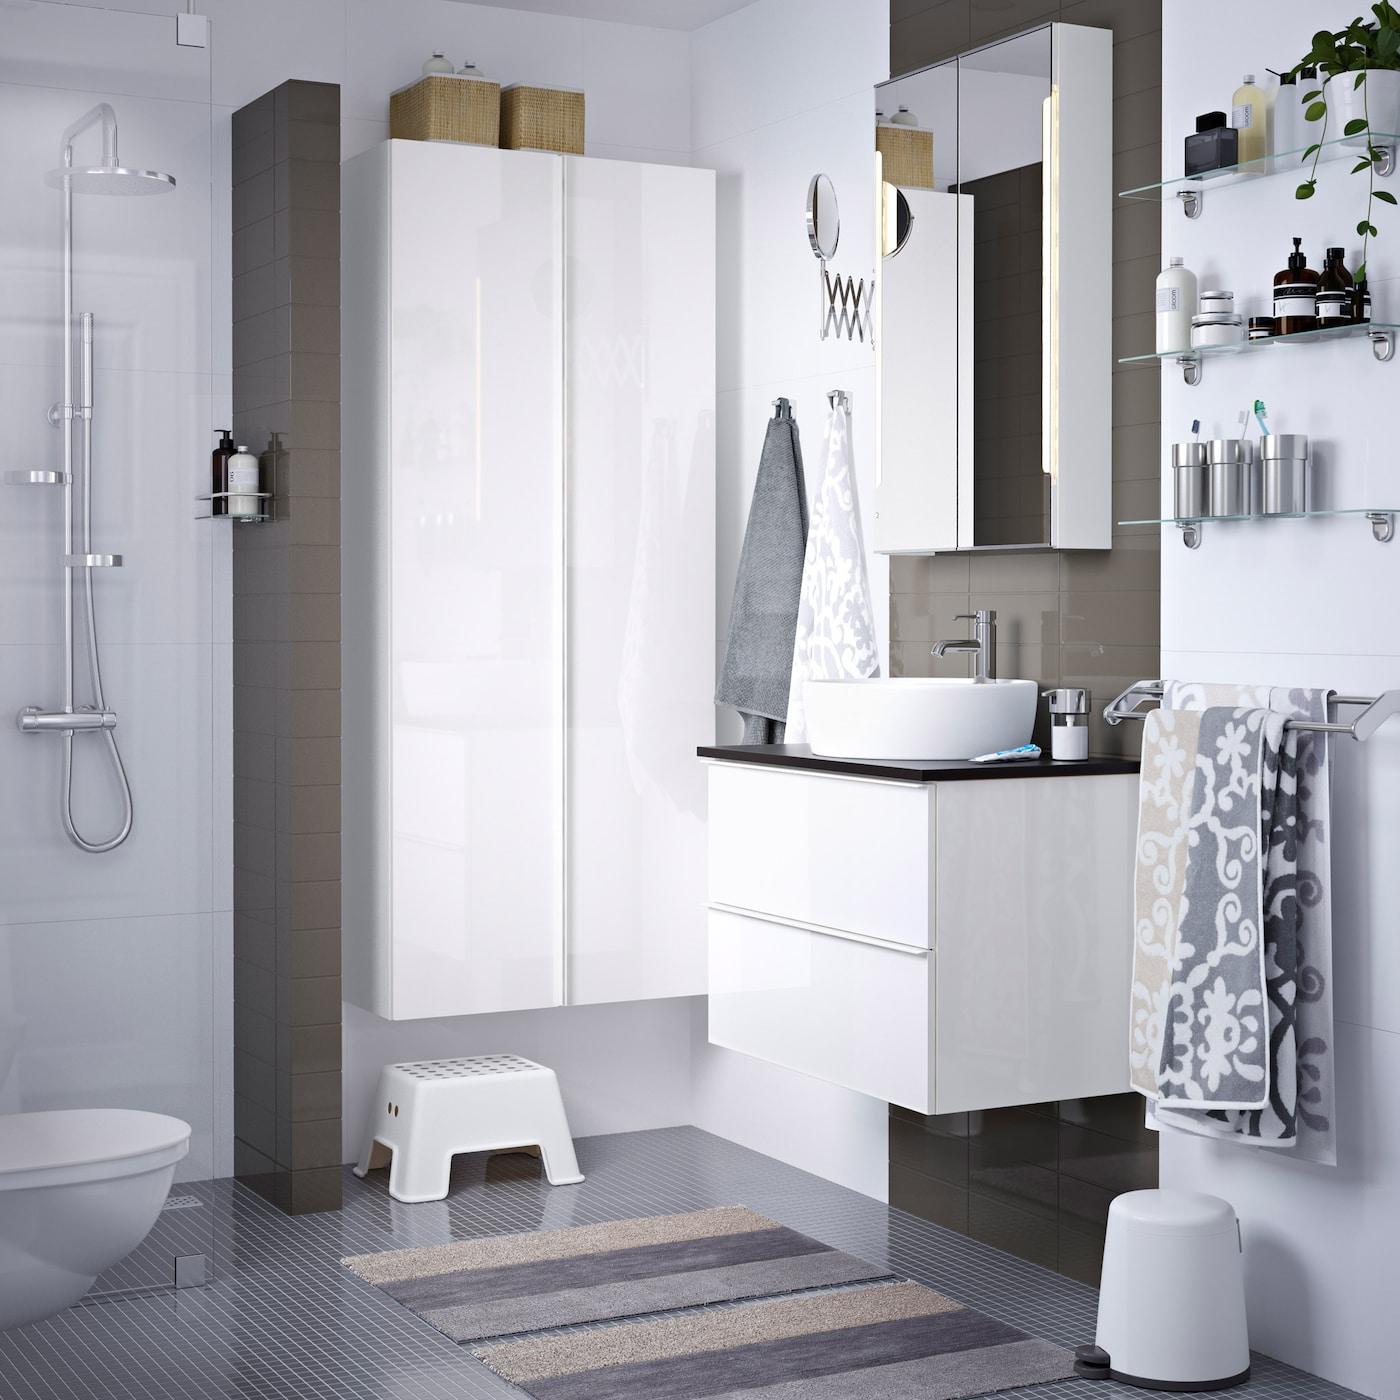 Harmaa ja valkoinen kylpyhuone, jossa valkoinen allaskaluste ja kaappi.